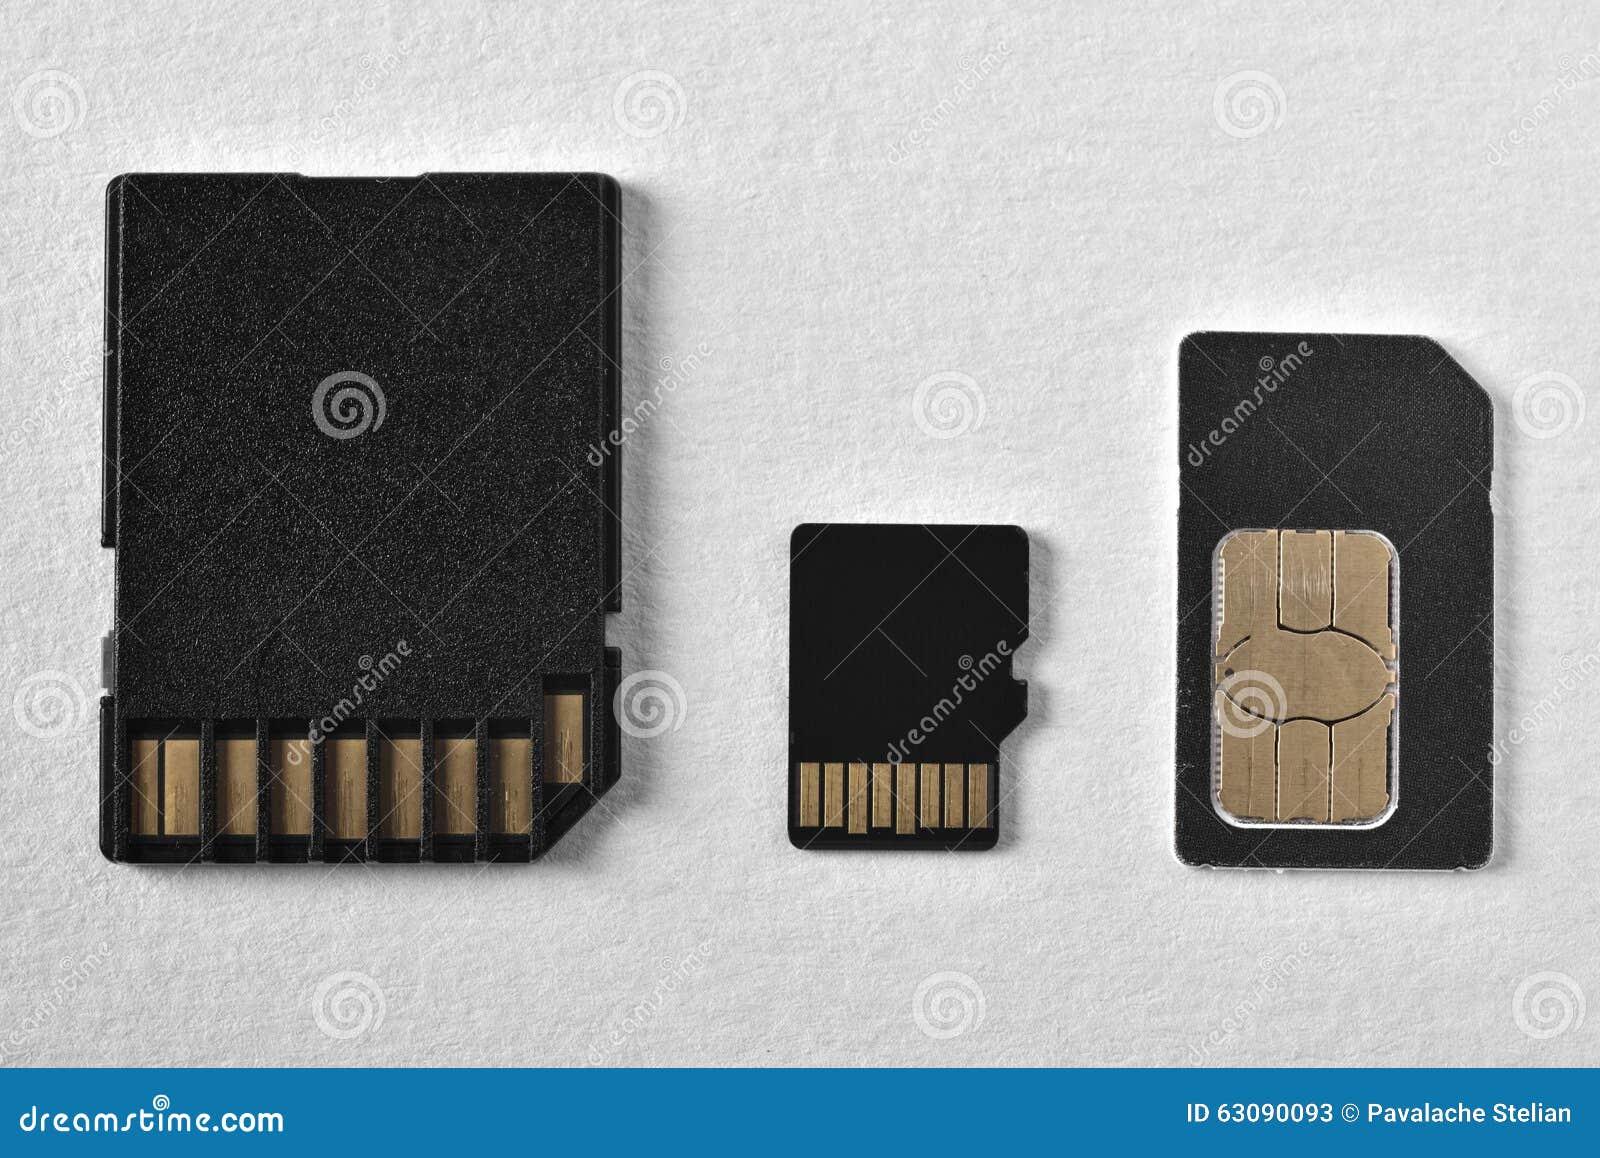 Download Cartes de mémoire image stock. Image du branchez, sauvegarde - 63090093